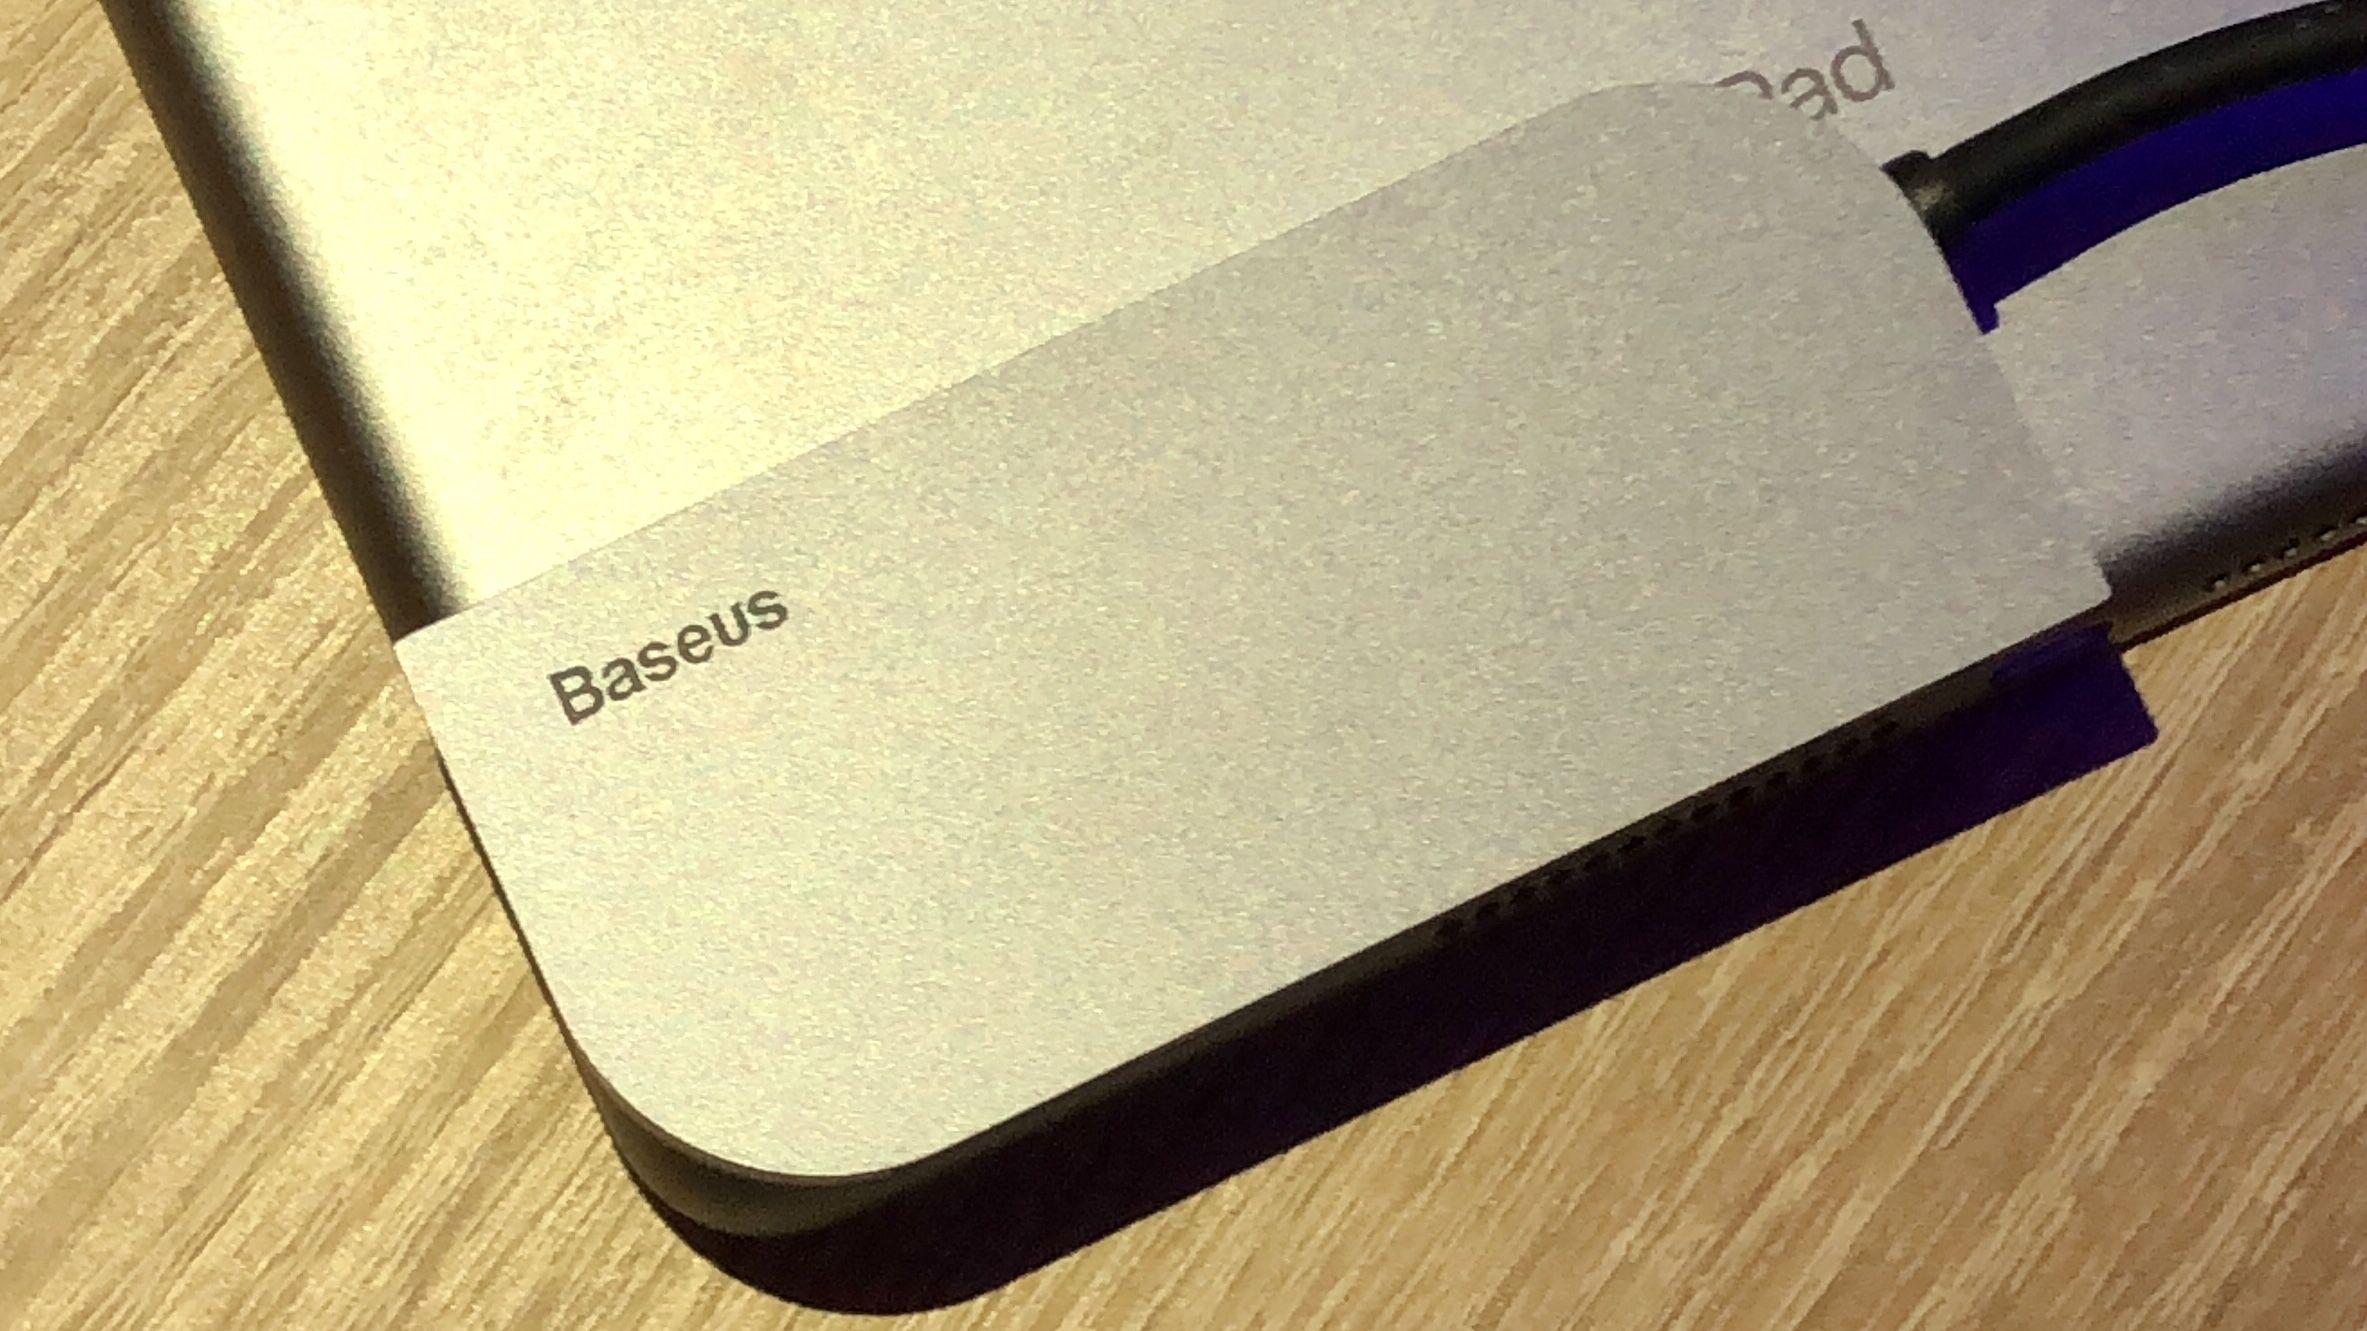 HUB dla iPada Pro USB C od Baseus – to dopiero jest sztos!